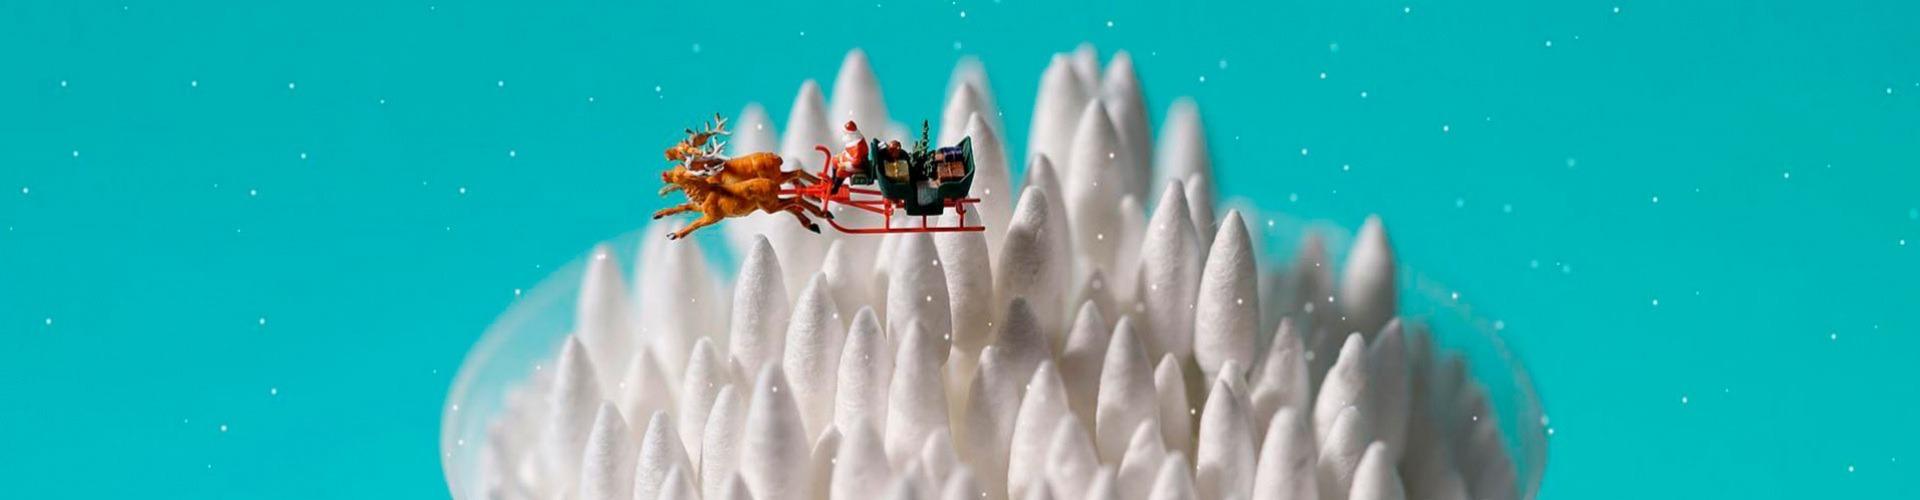 Hogyan éljük túl a karácsonyi készülődést?